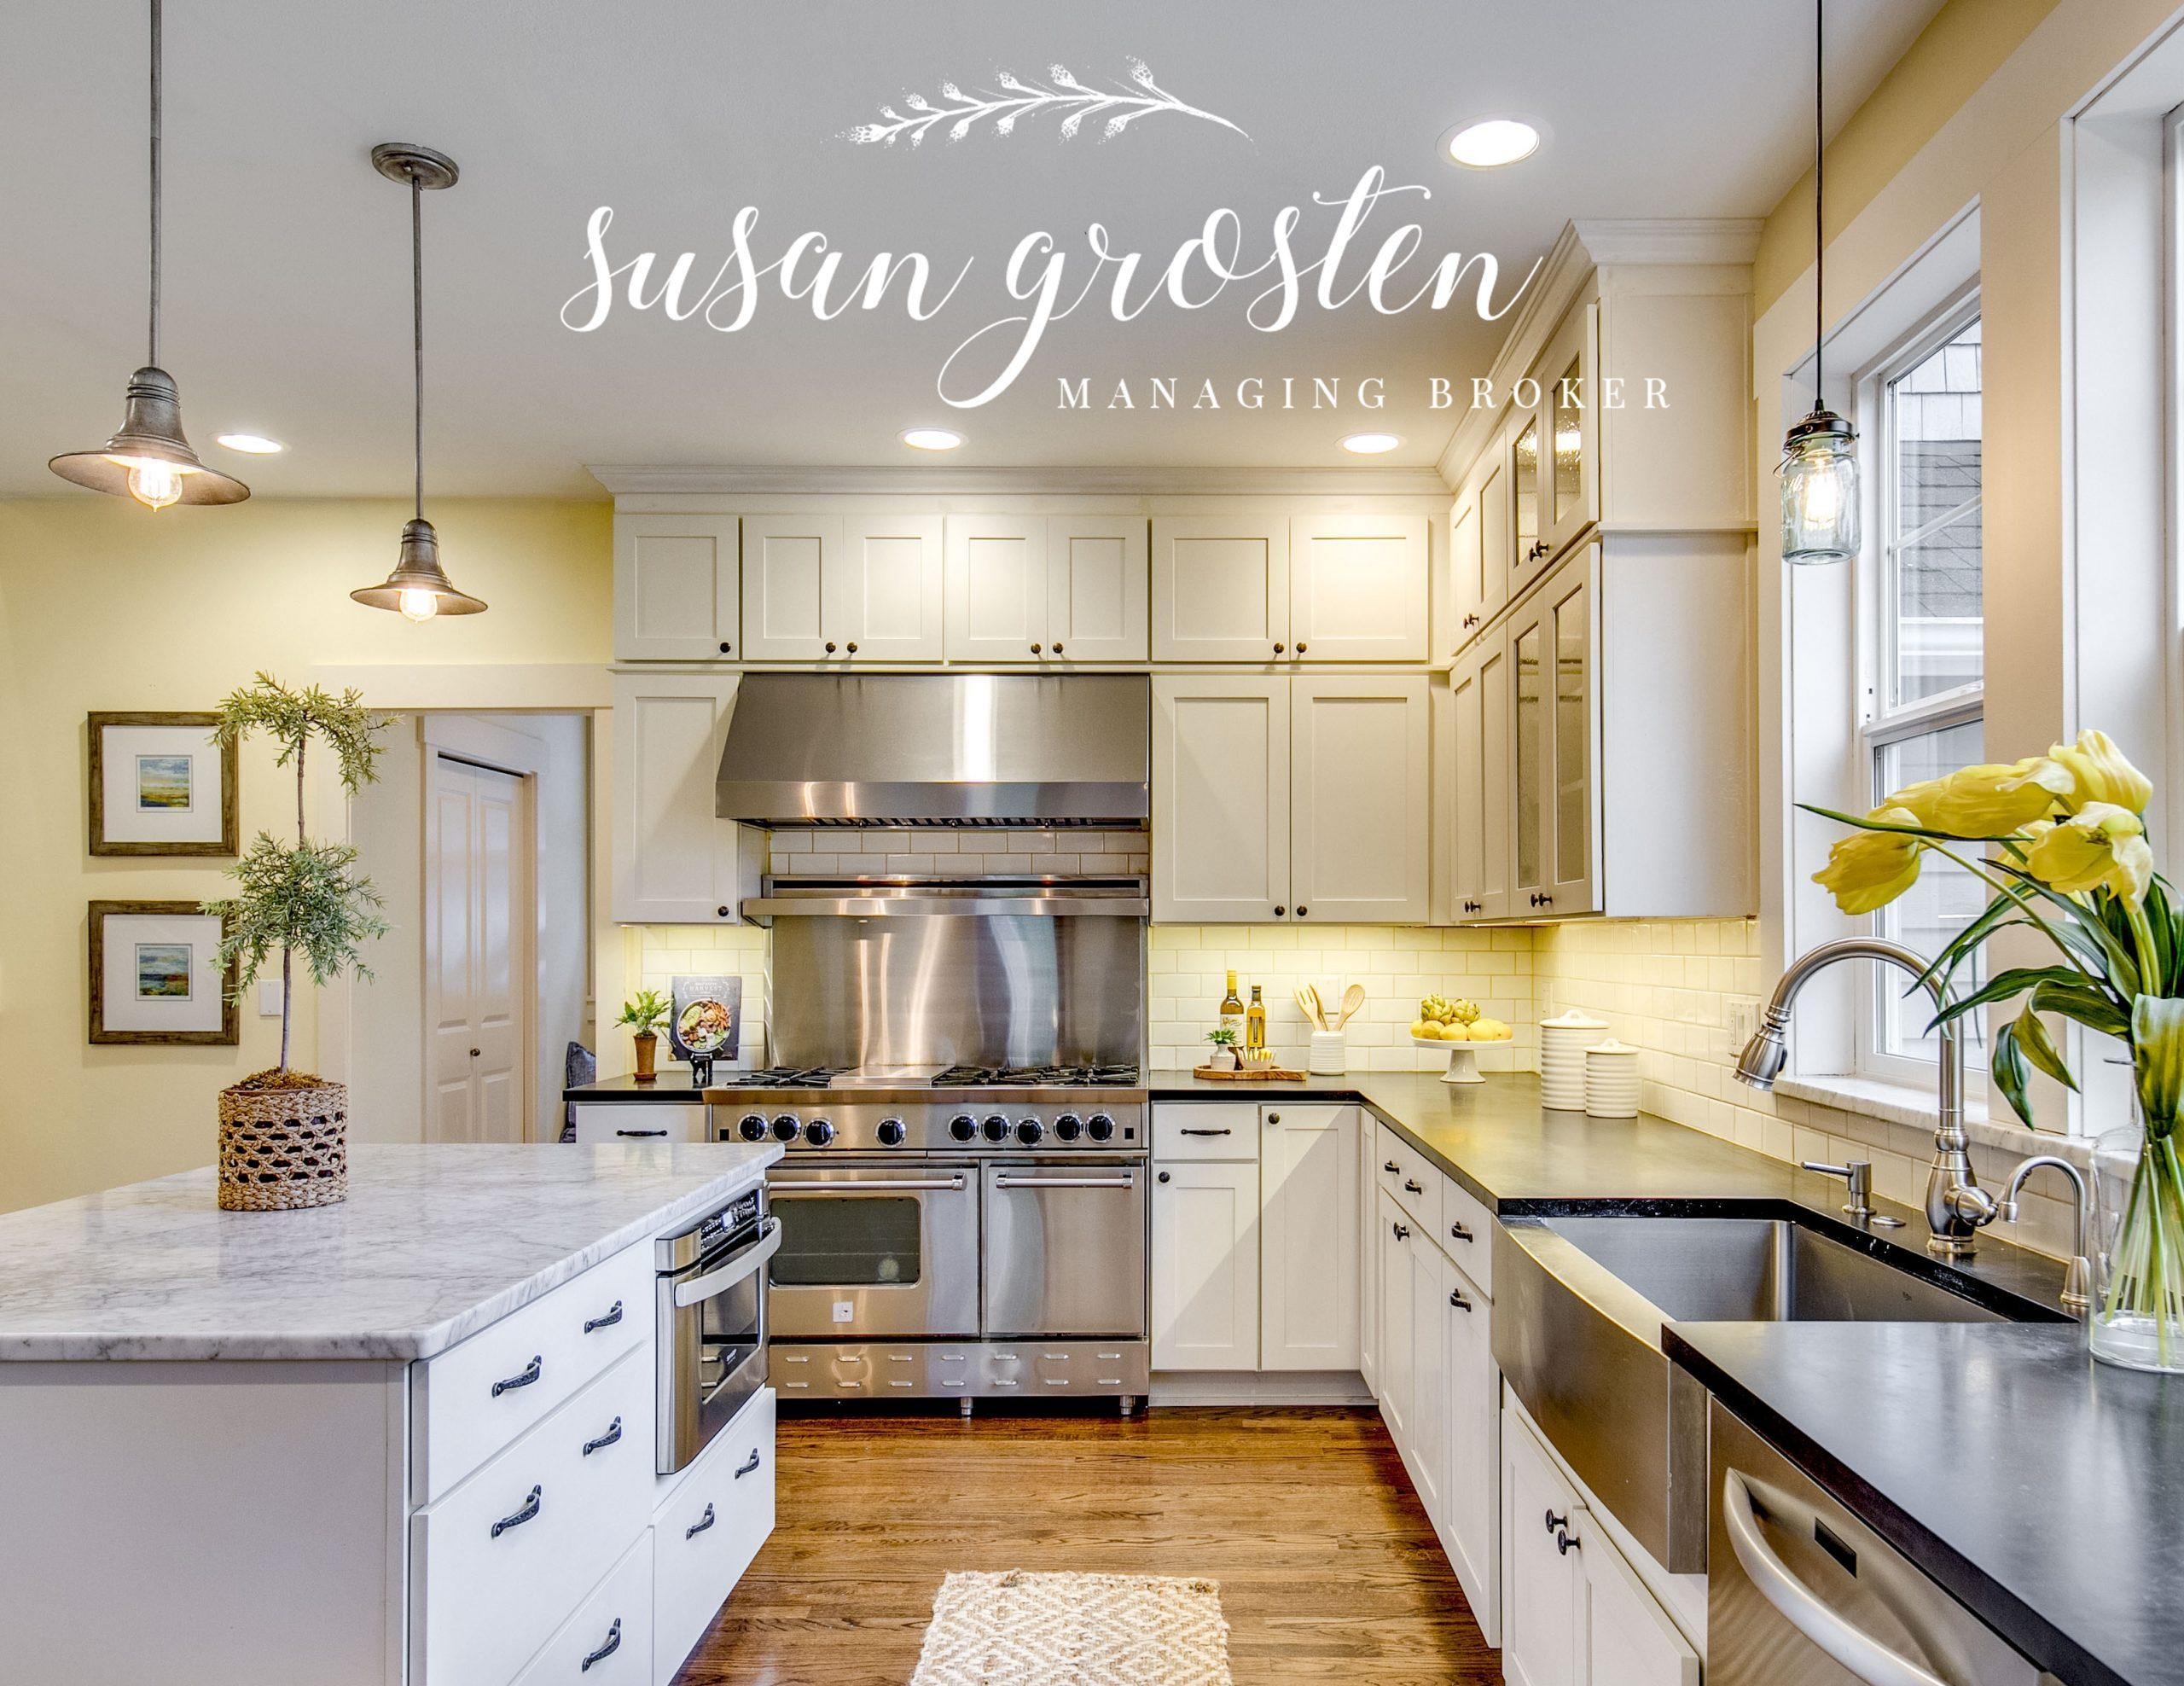 Sold by Susan Grosten